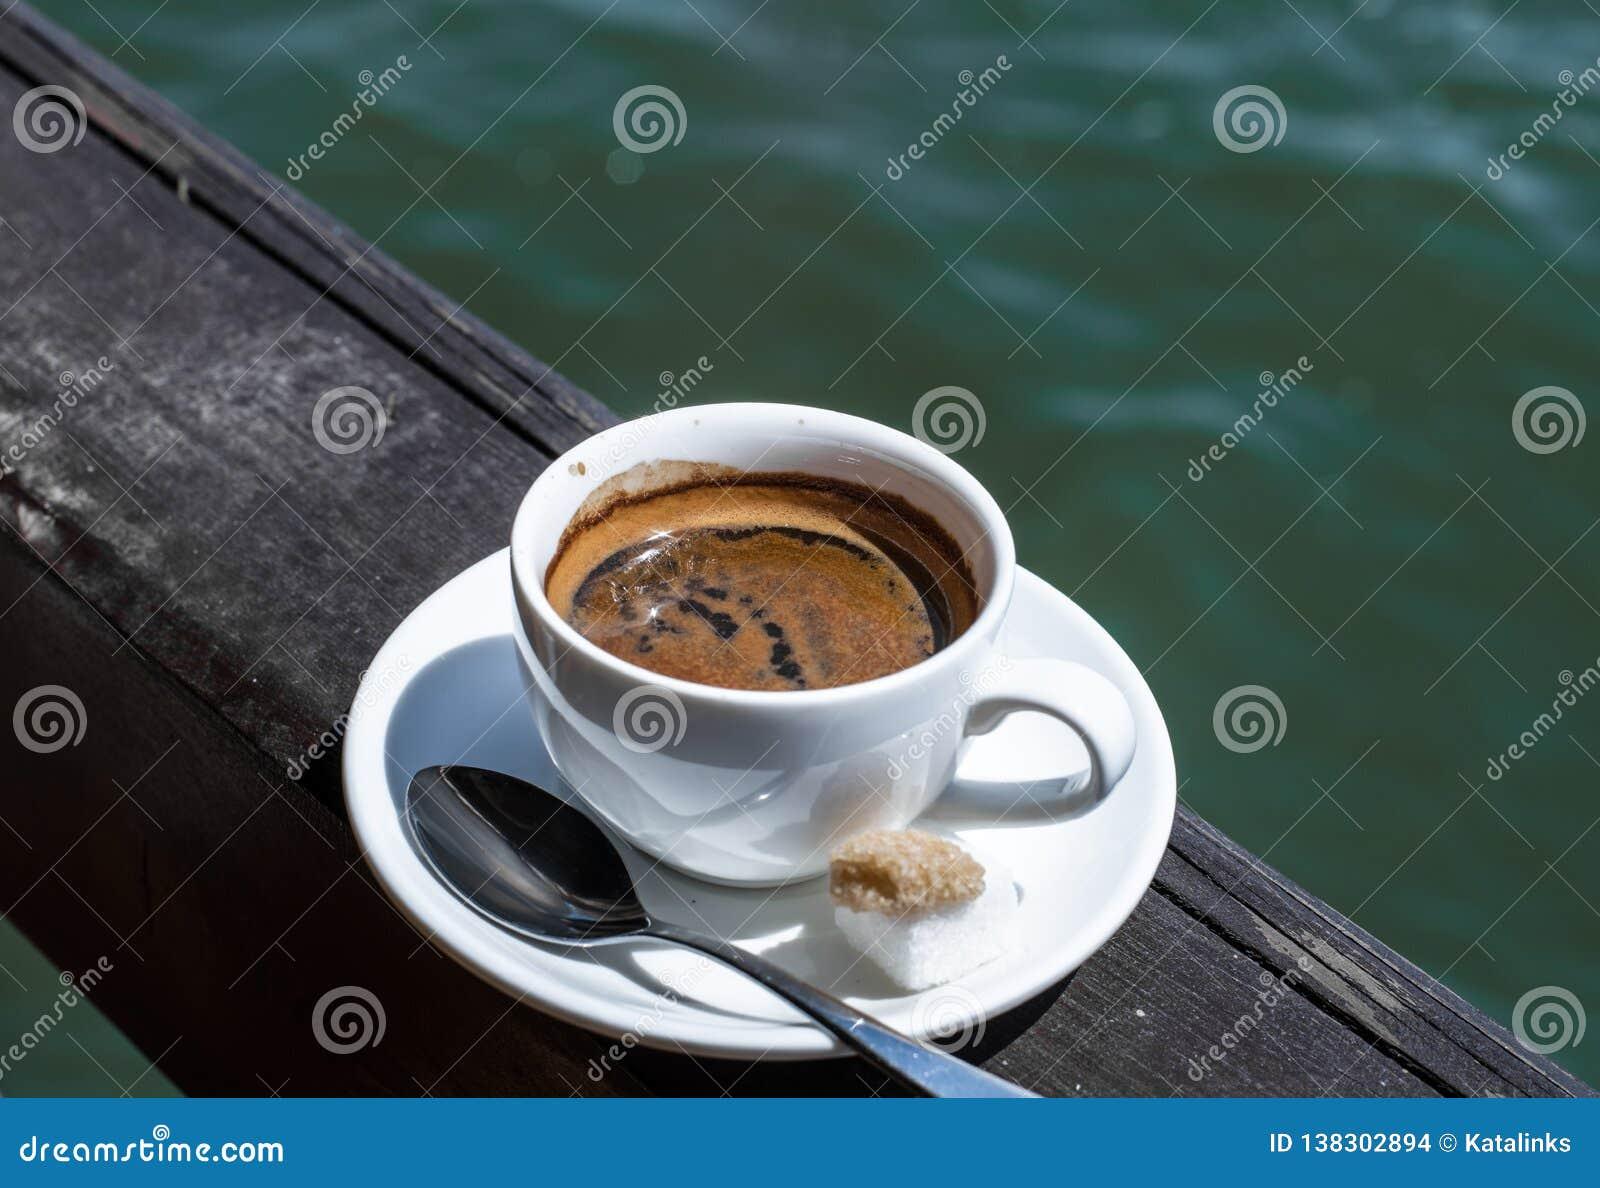 Eine kleine weiße Porzellanespressoschale auf einer Untertasse mit einem Teelöffel und zwei Stücken Zucker